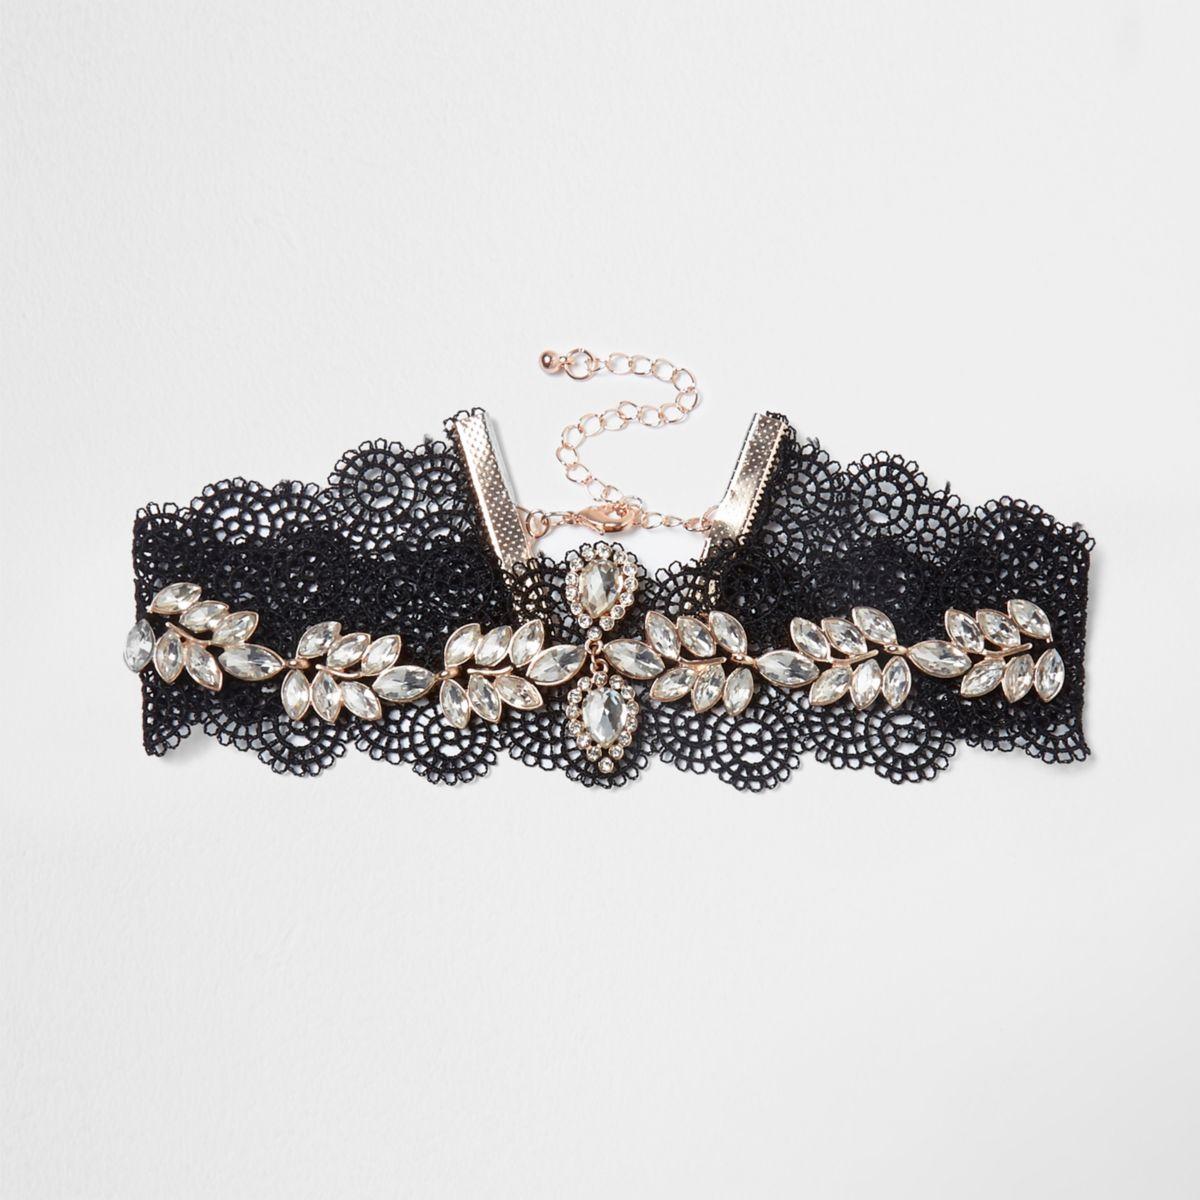 Black lace floral jewel embellished choker